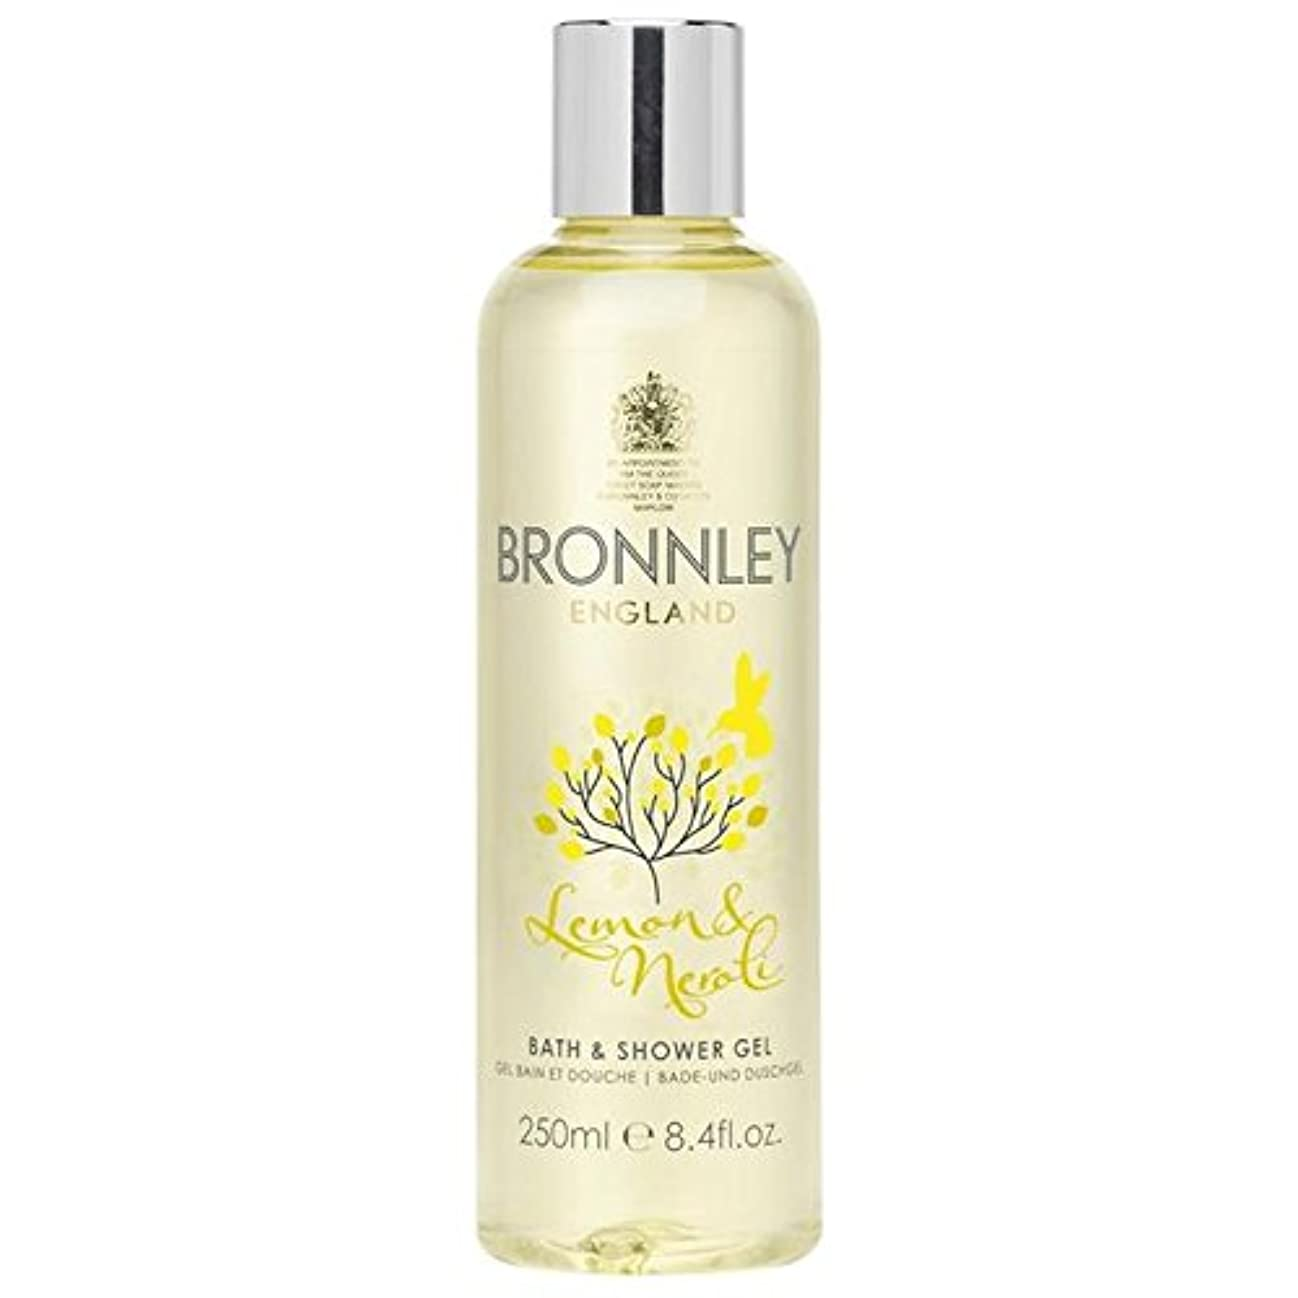 今晩チョップ不道徳レモン&ネロリバス&シャワージェル250ミリリットル x2 - Bronnley Lemon & Neroli Bath & Shower Gel 250ml (Pack of 2) [並行輸入品]